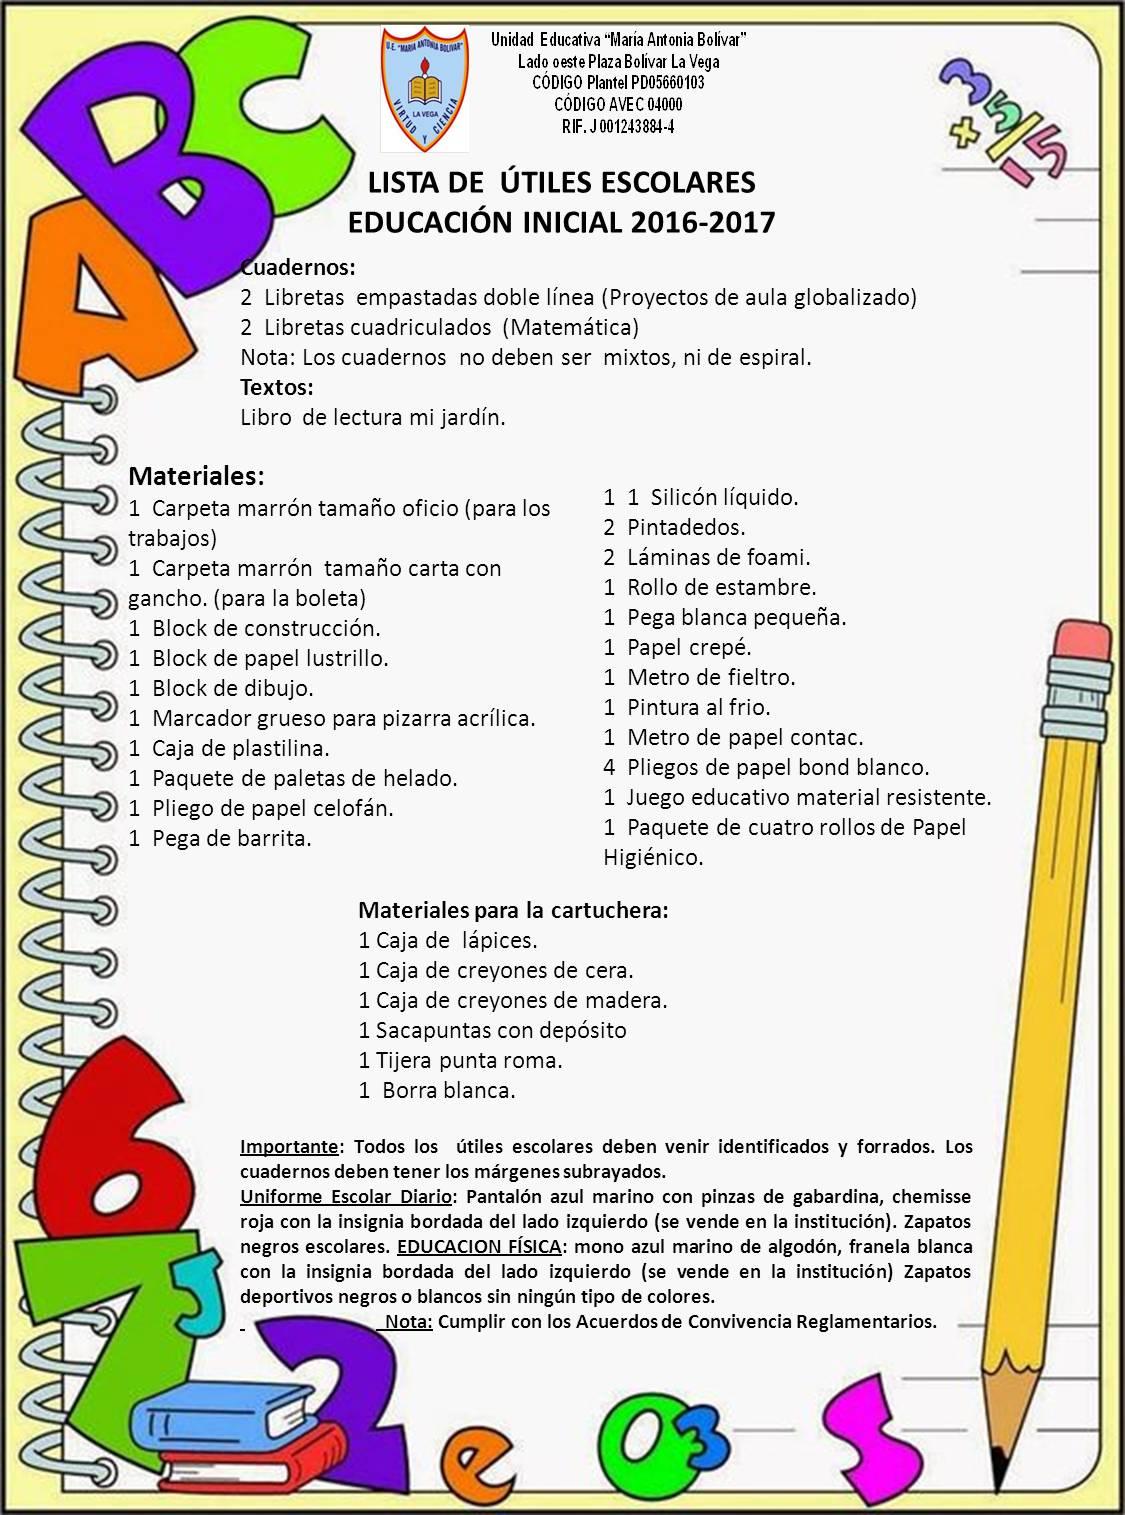 Lista De Tiles Escolares 2016 2017